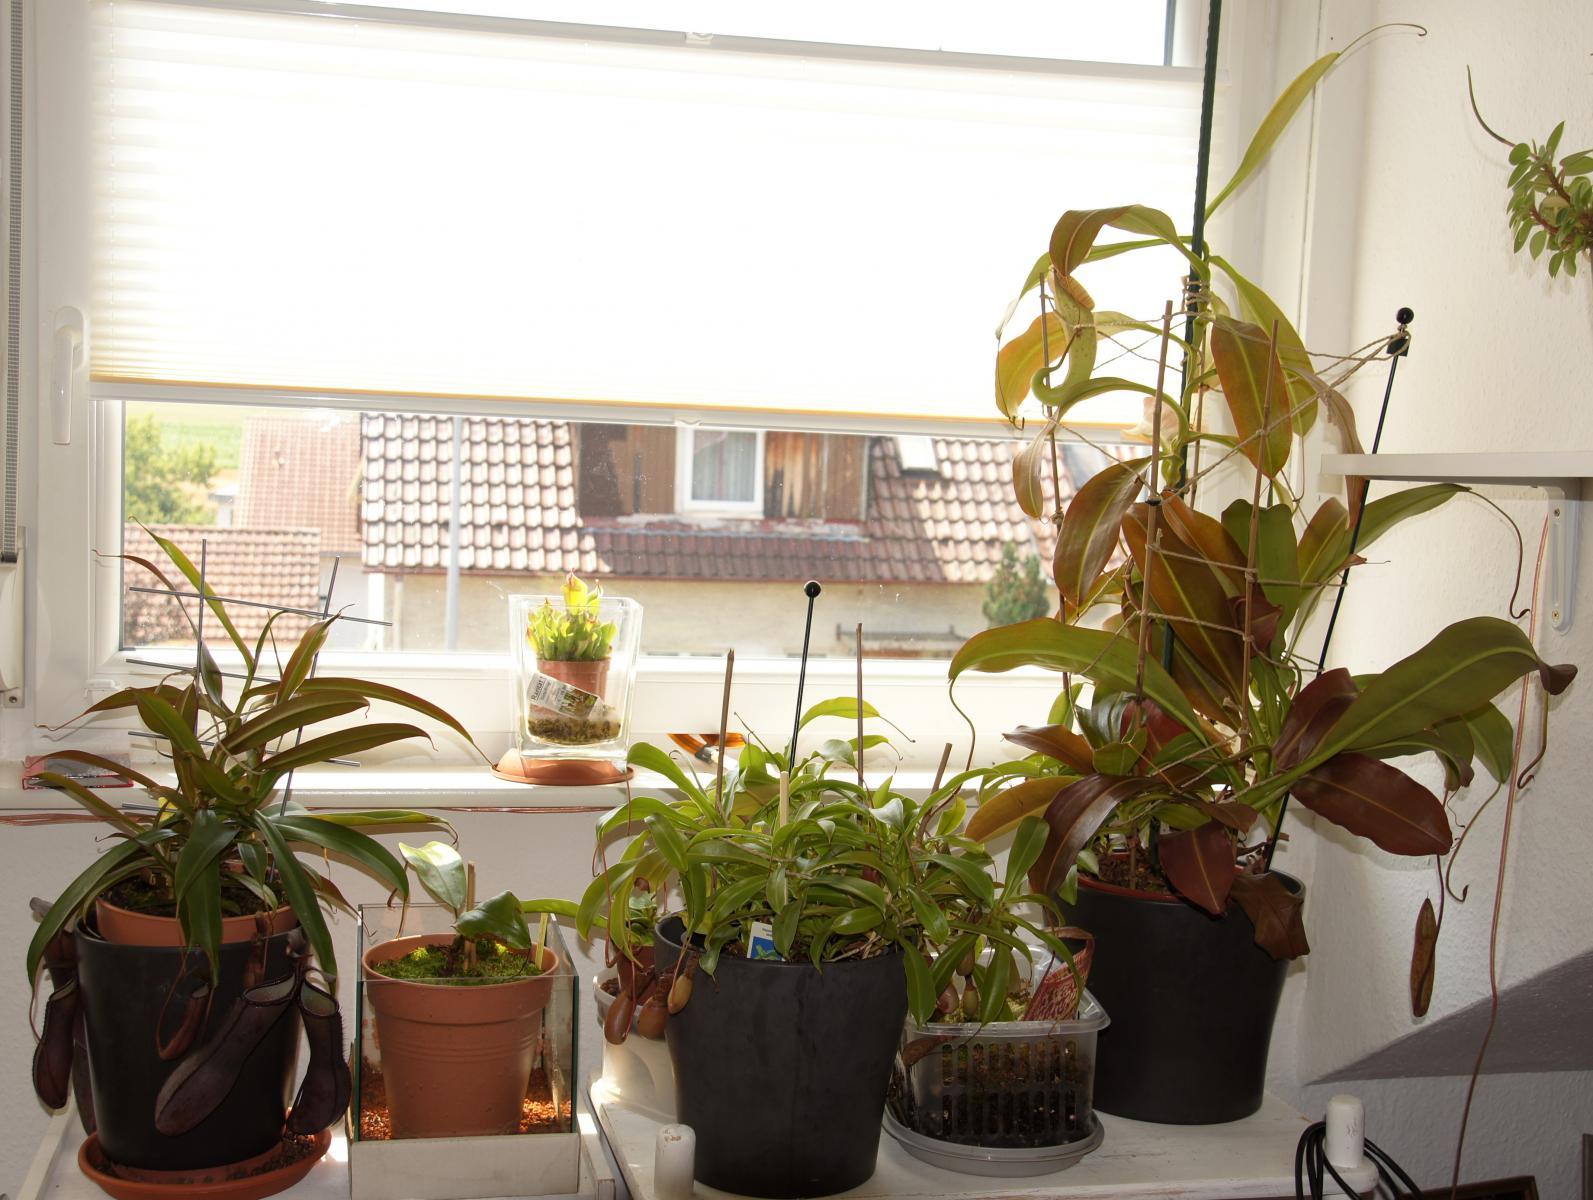 pflanzen aus holland pflanzen und pflegen tulpen f r balkon garten und passiflora edulis. Black Bedroom Furniture Sets. Home Design Ideas